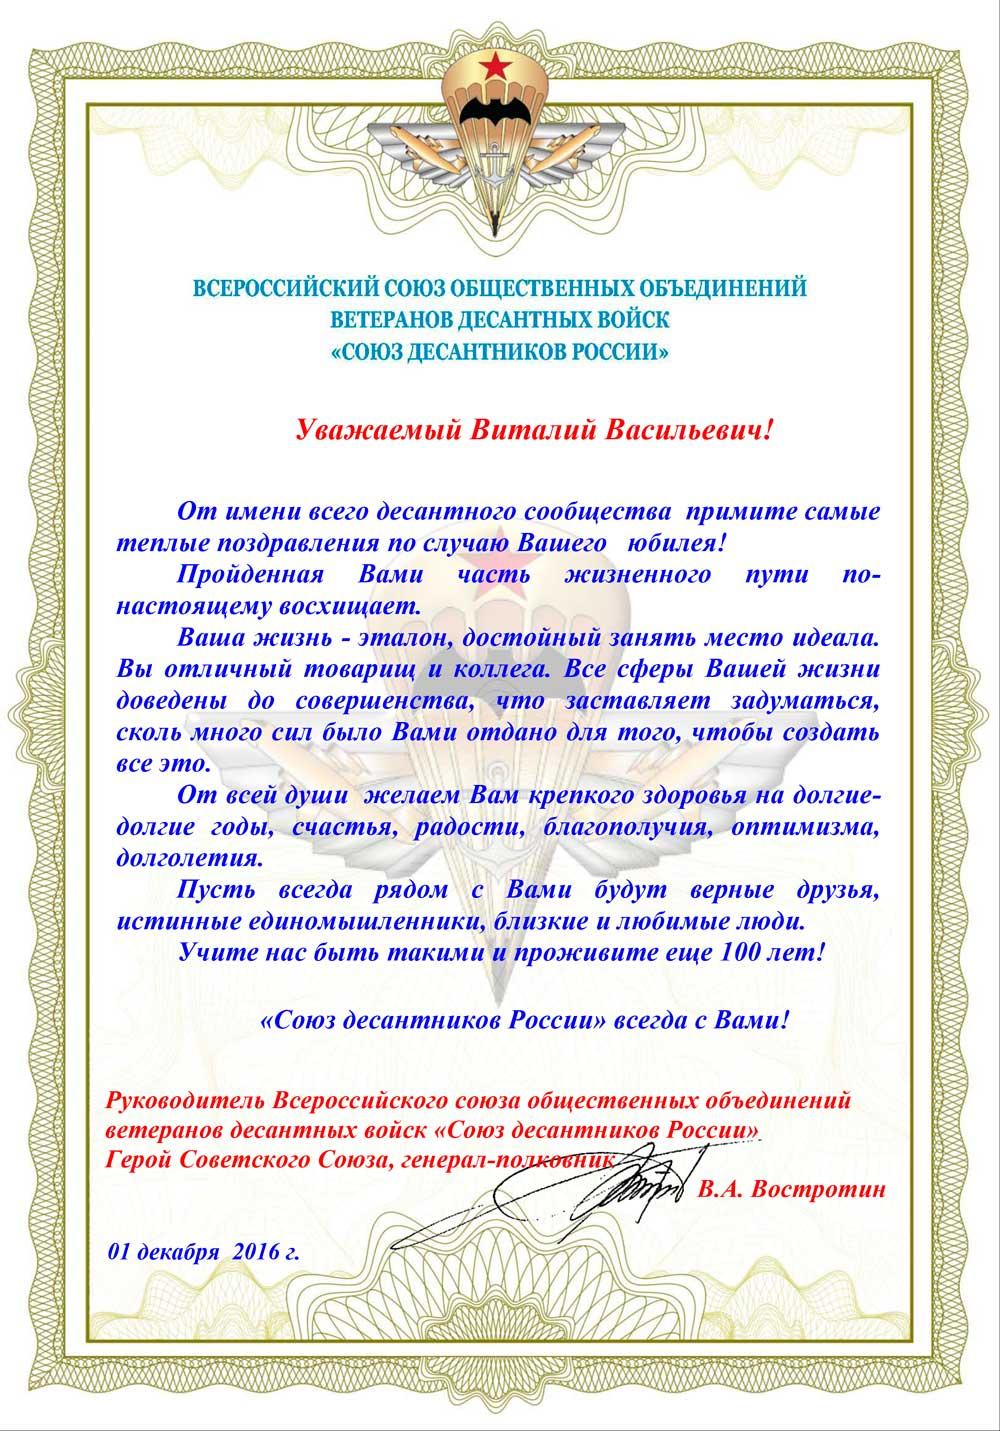 ПОЗДРАВЛЯЕМ С 75 ЛЕТИЕМ! ЧЛЕНА НАБЛЮДАТЕЛЬНОГО СОВЕТА «СОЮЗА ДЕСАНТНИКОВ РОССИИ» генерал-полковника МАРГЕЛОВА ВИТАЛИЯ ВАСИЛЬЕВИЧА!